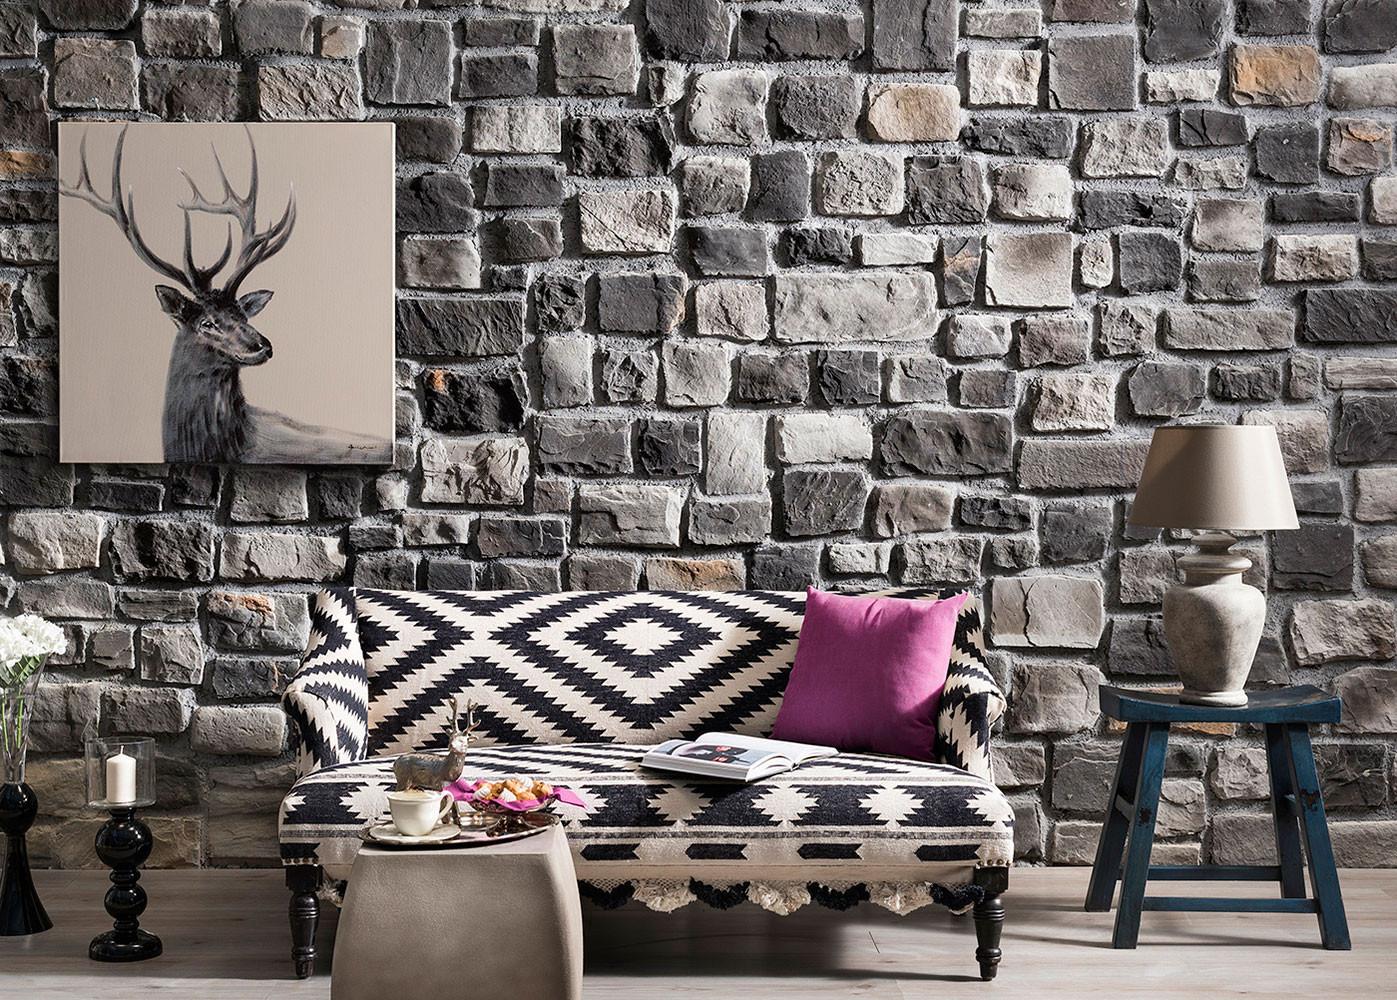 steinwand wohnzimmer mnchen, wohnzimmer steinwand, Design ideen